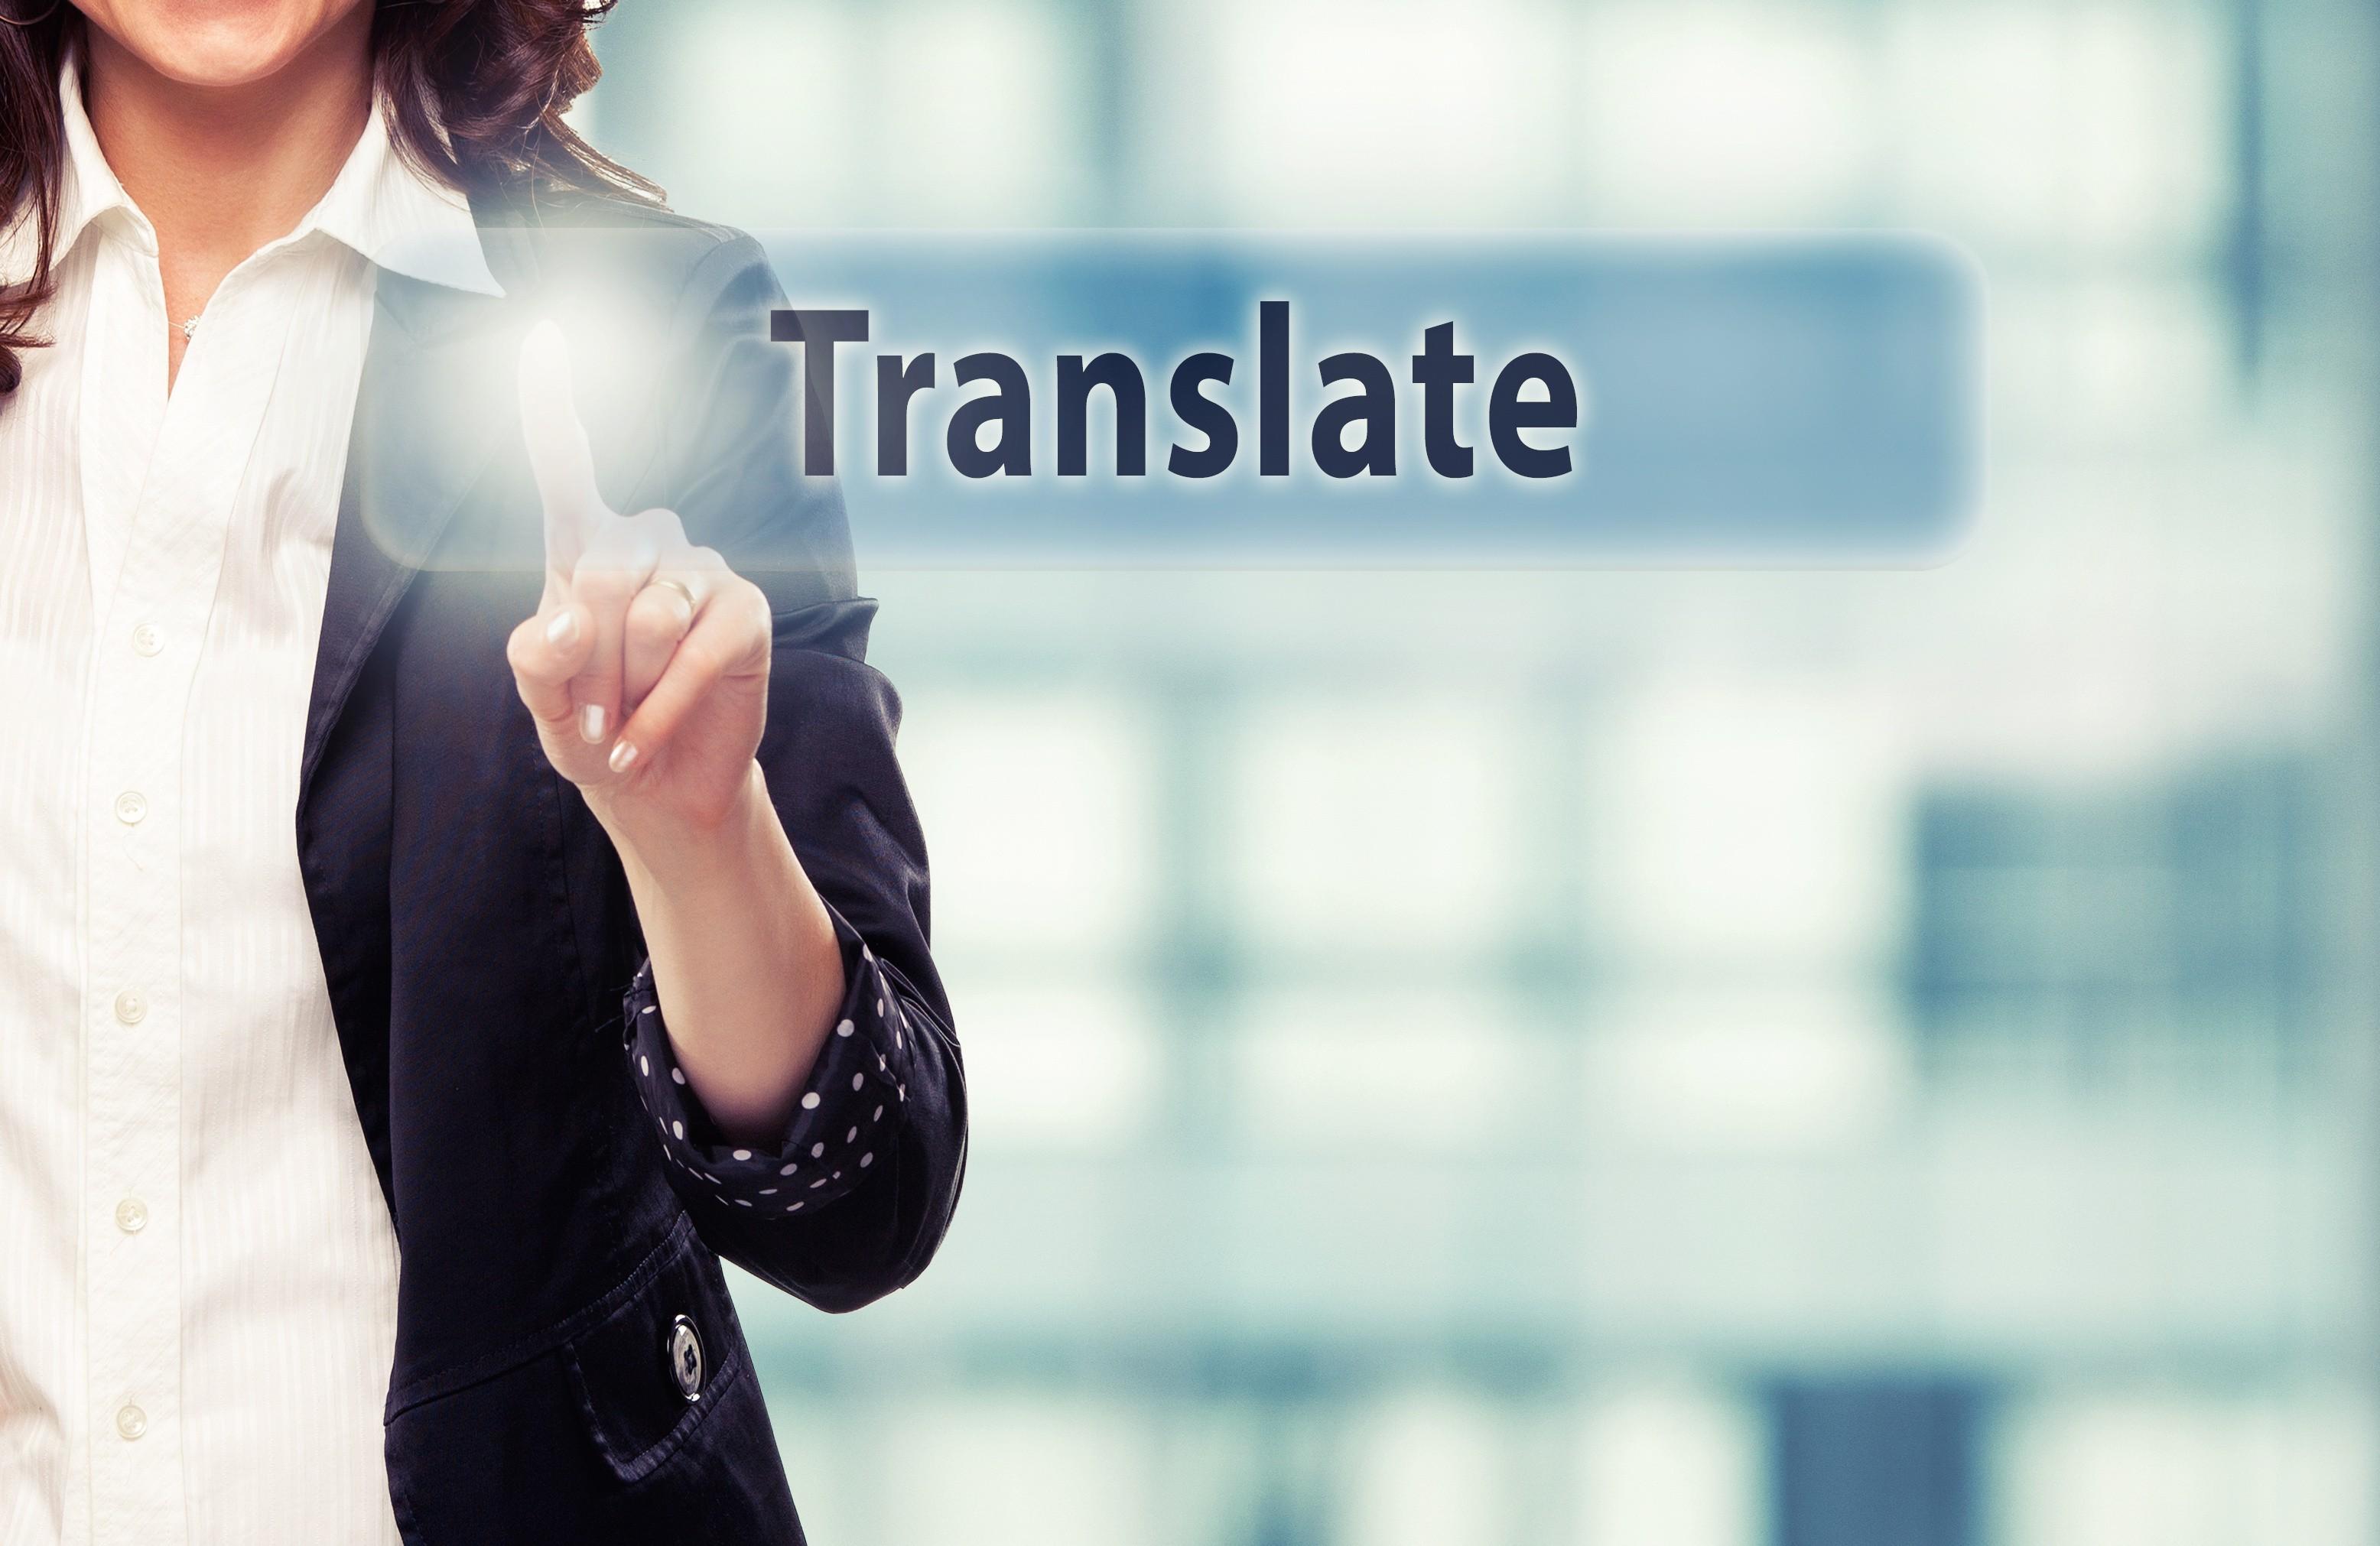 buena empresa de traducción